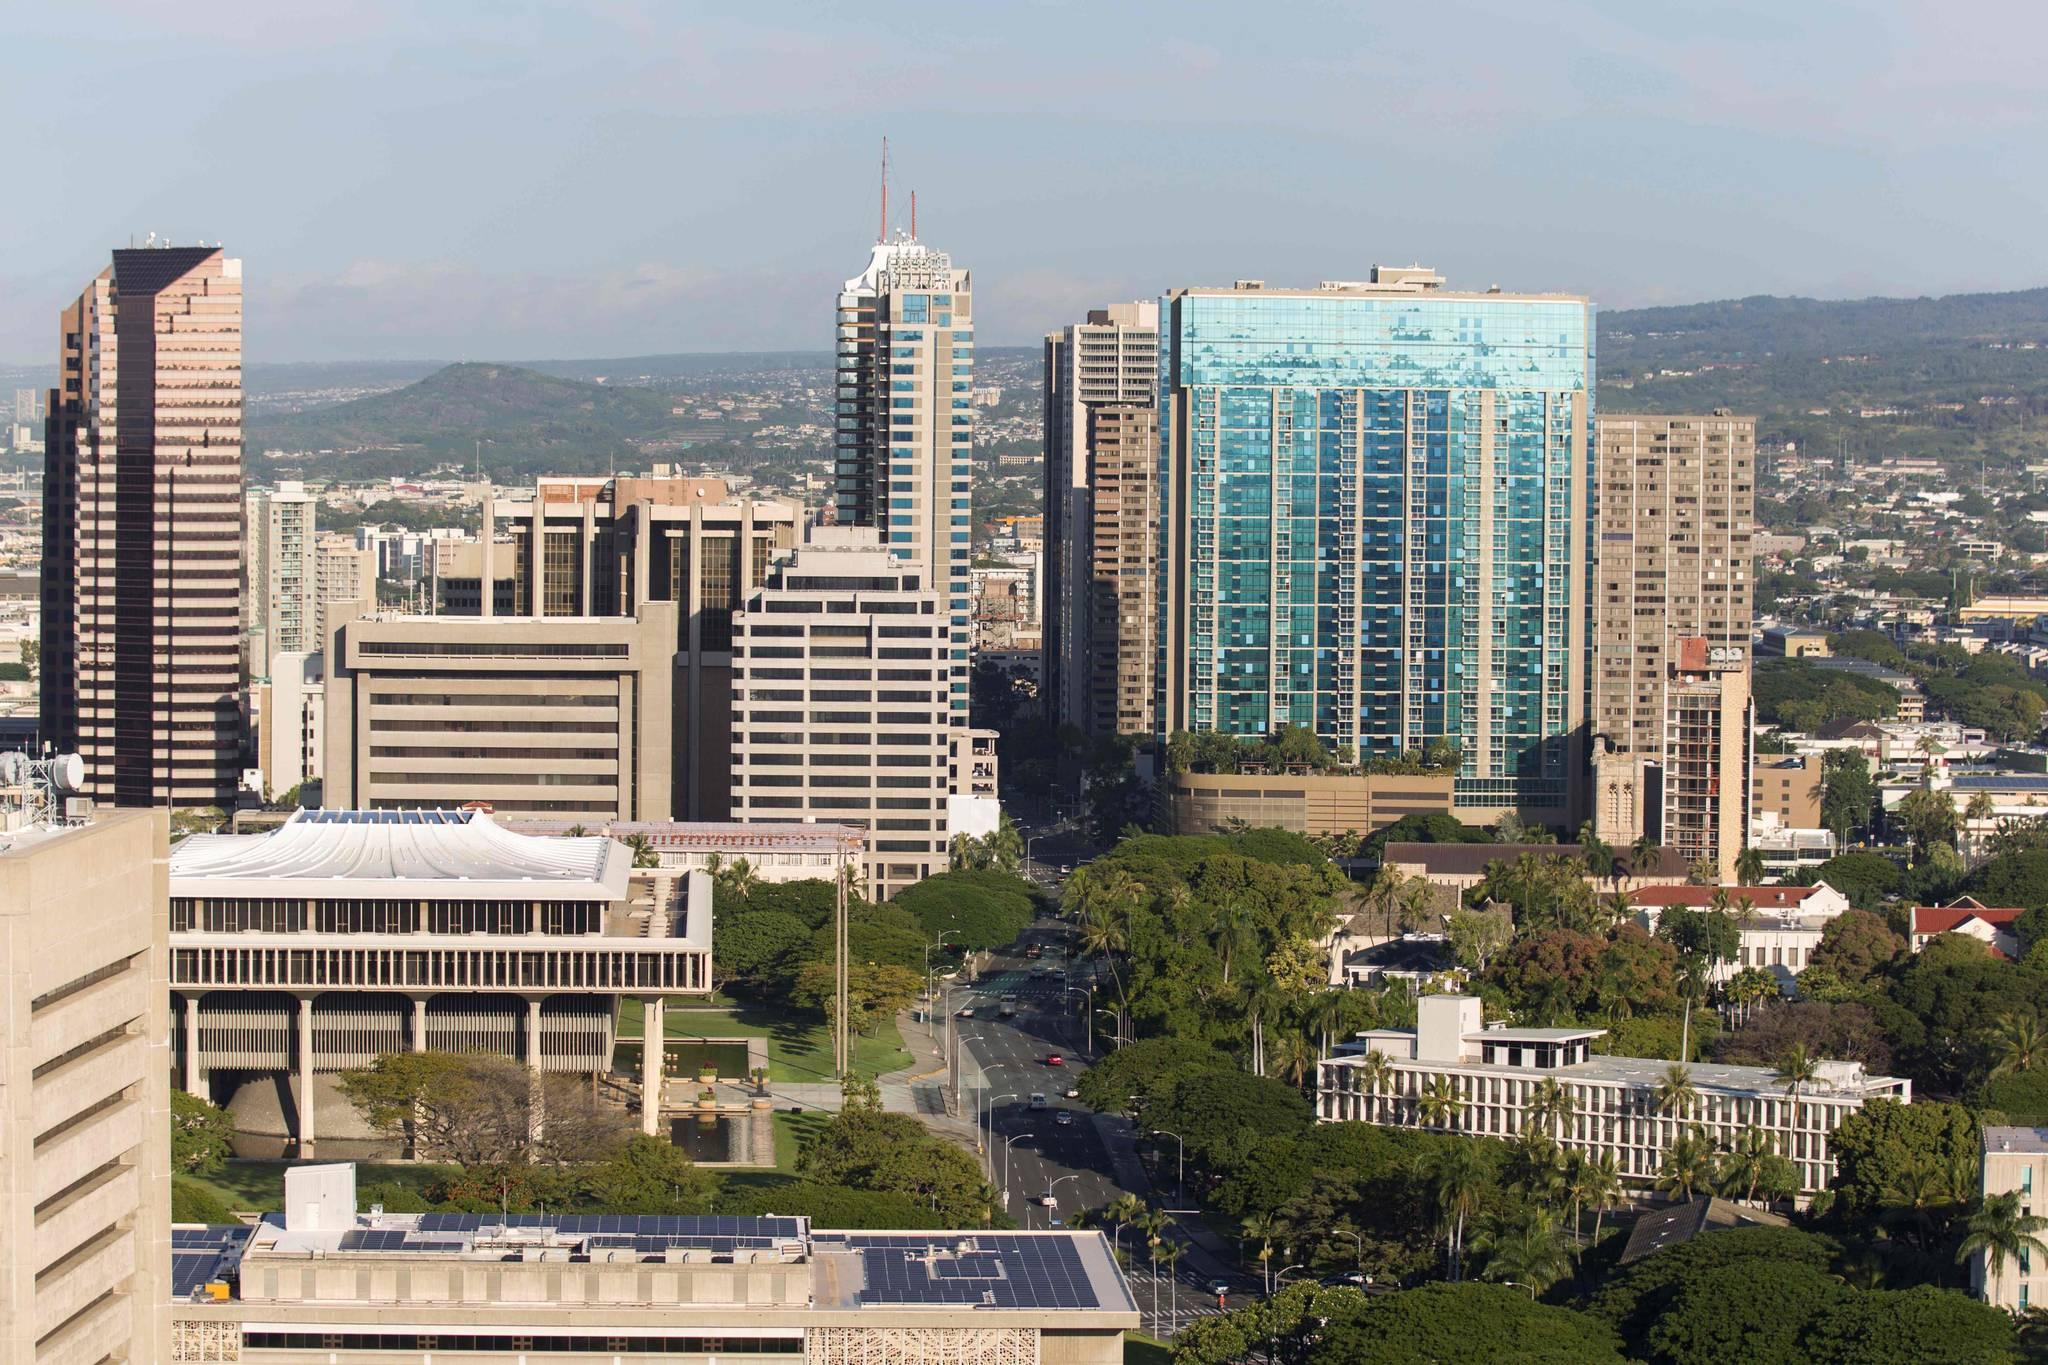 AFP가 13일(현지시간) 하와이호놀룰루 시내의 아침이라는 제목으로 전송한 사진. [AFP=연합뉴스]